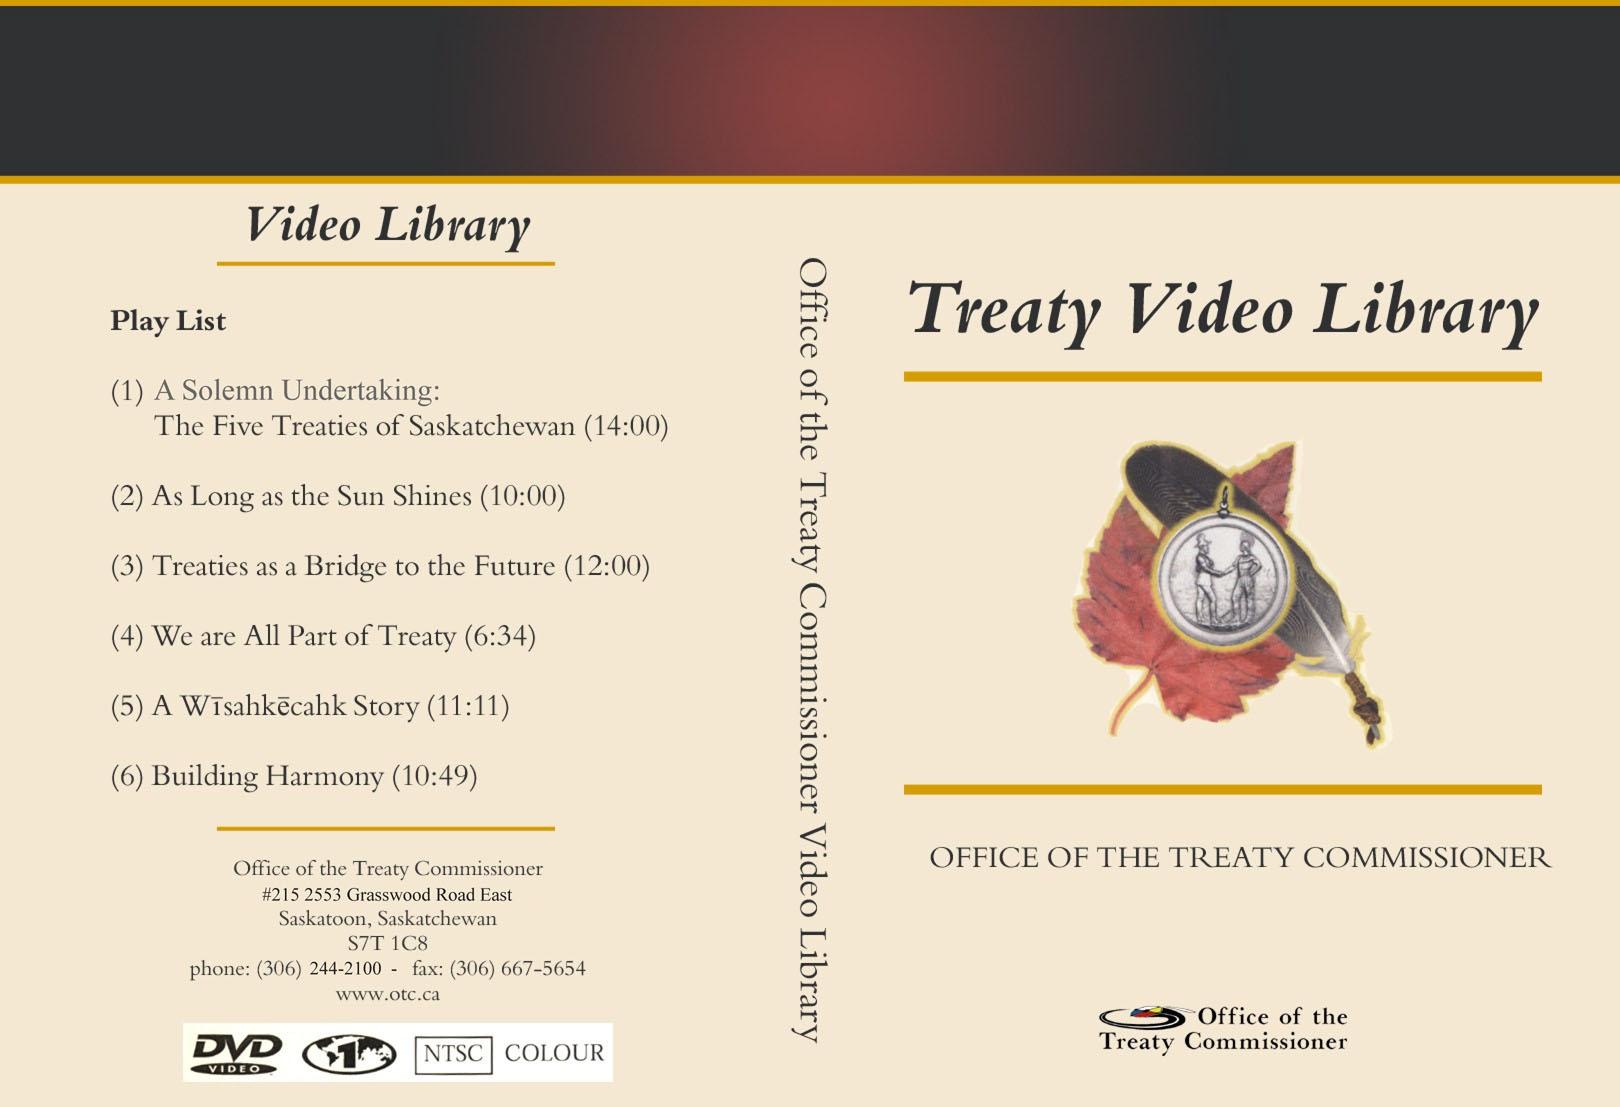 Treaty Video Library